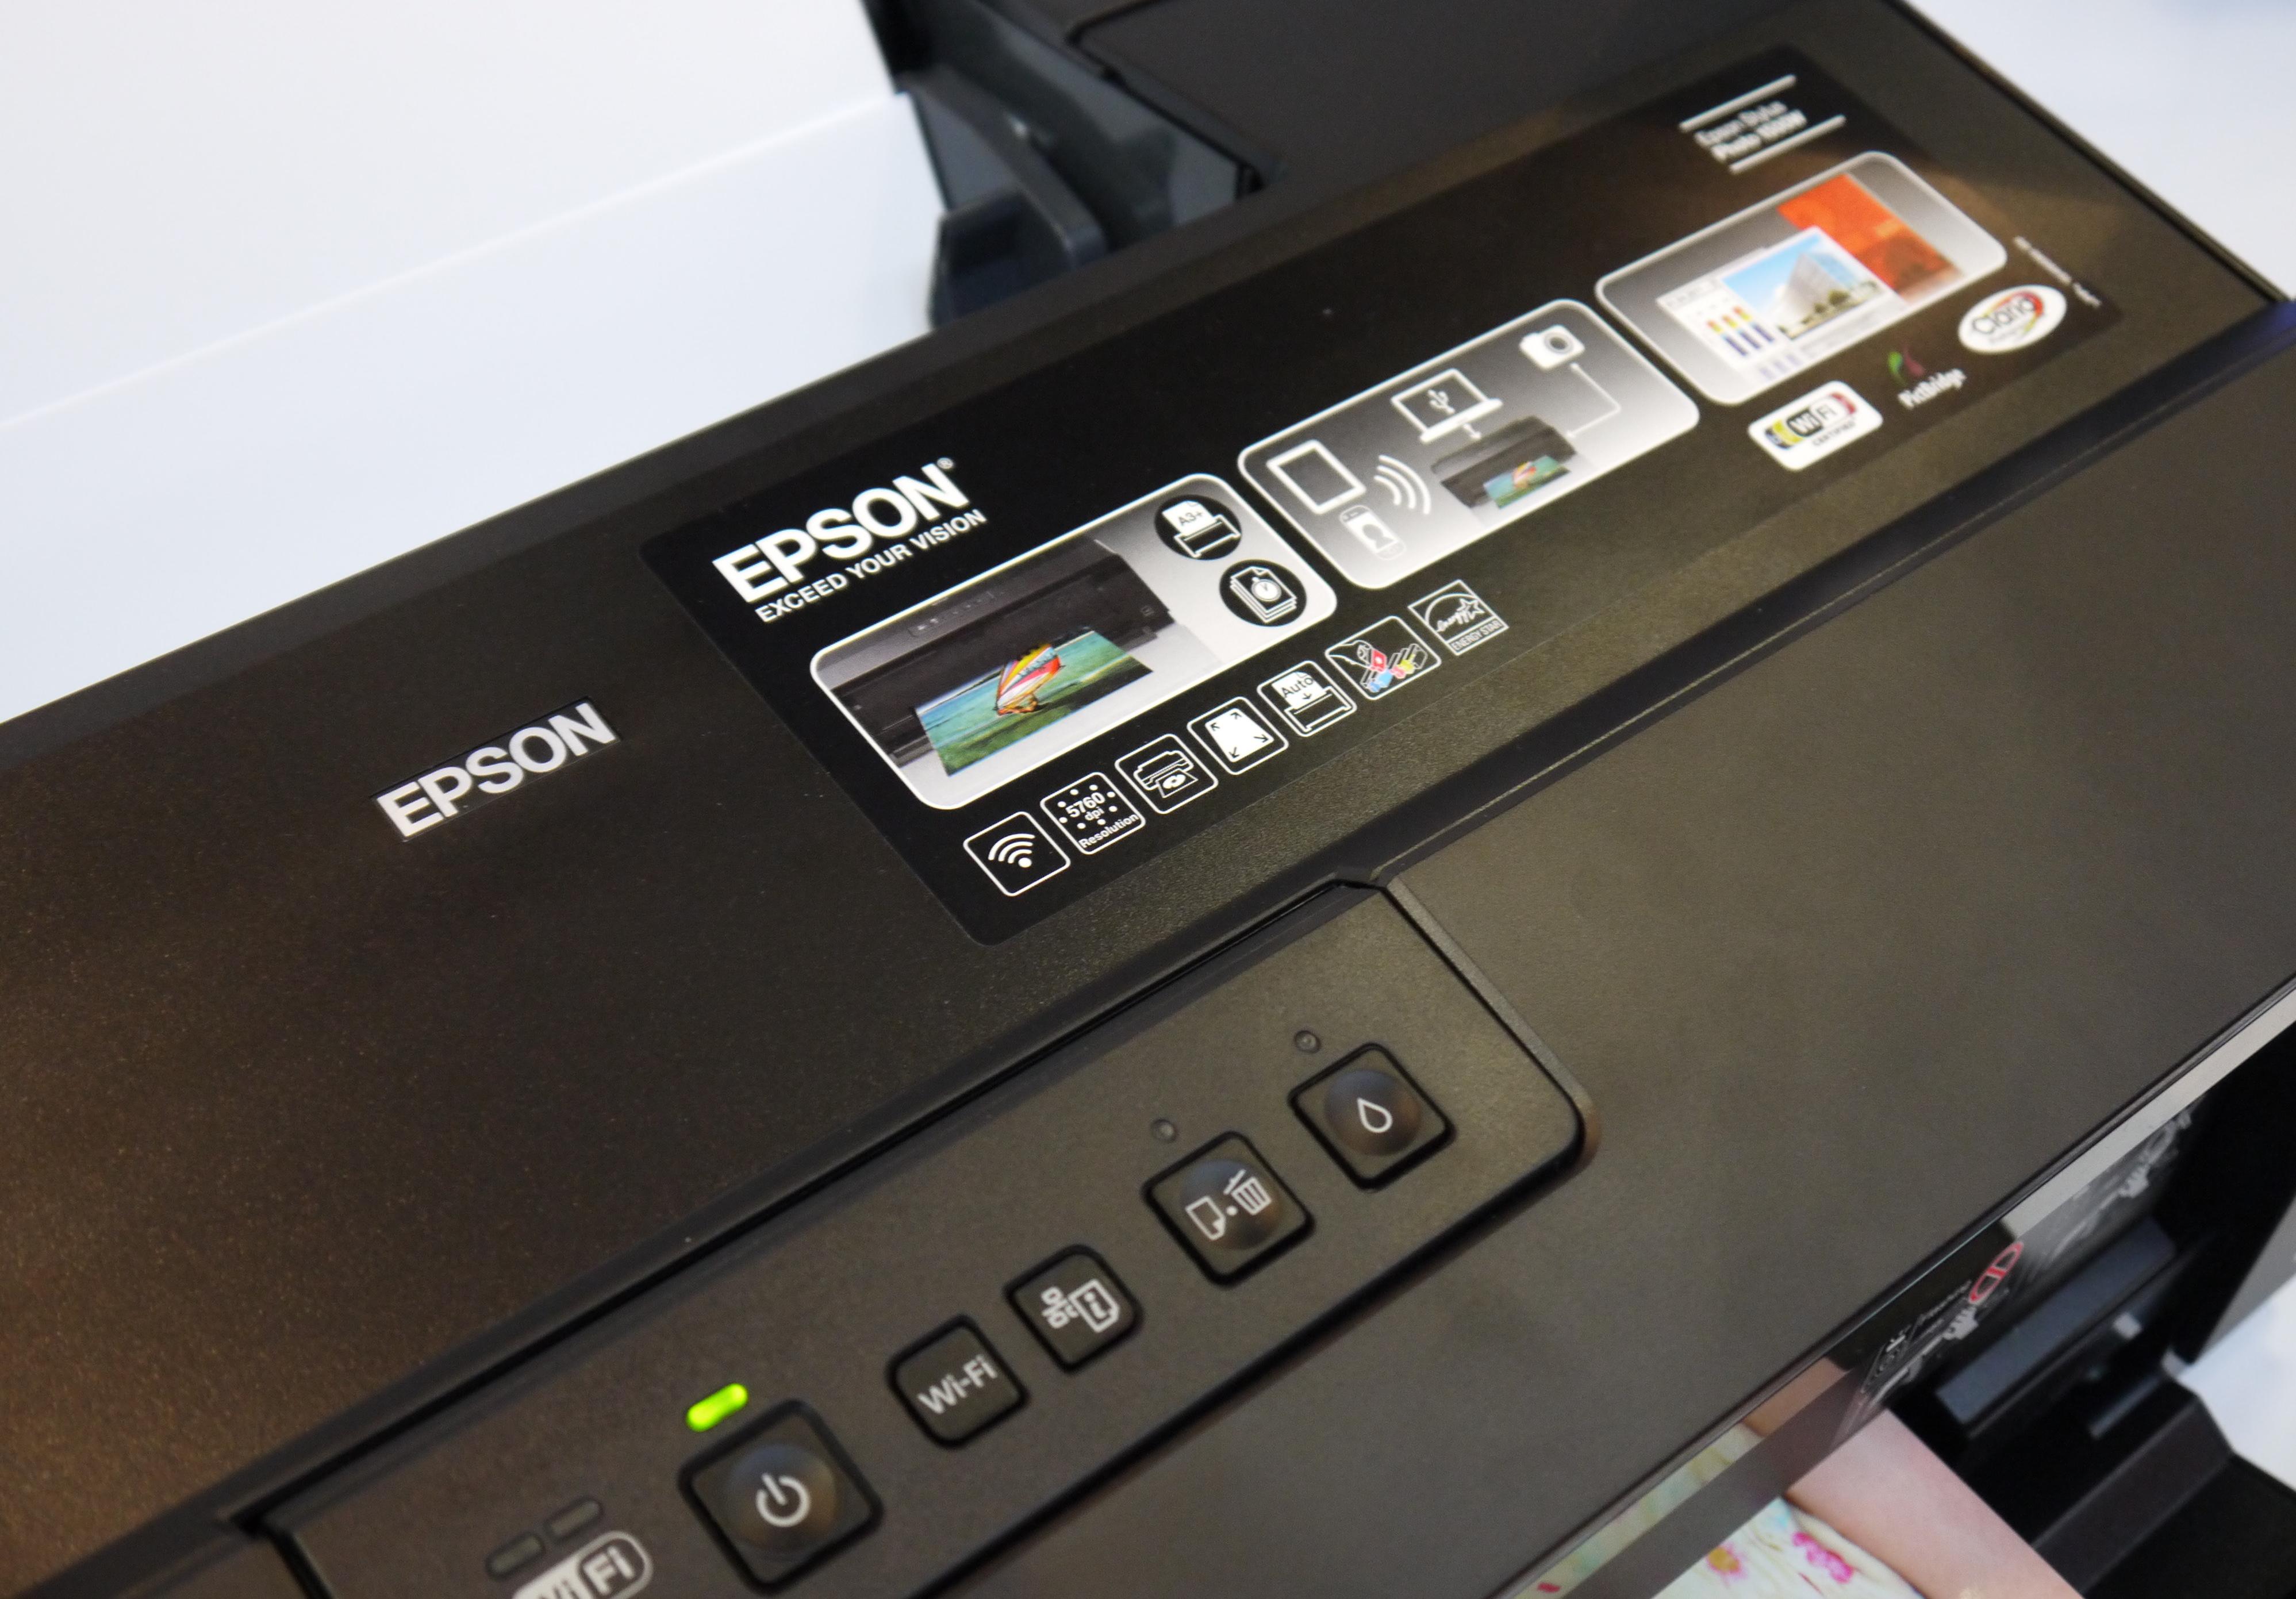 epson stylus photo 1500w a3 wifi printer review